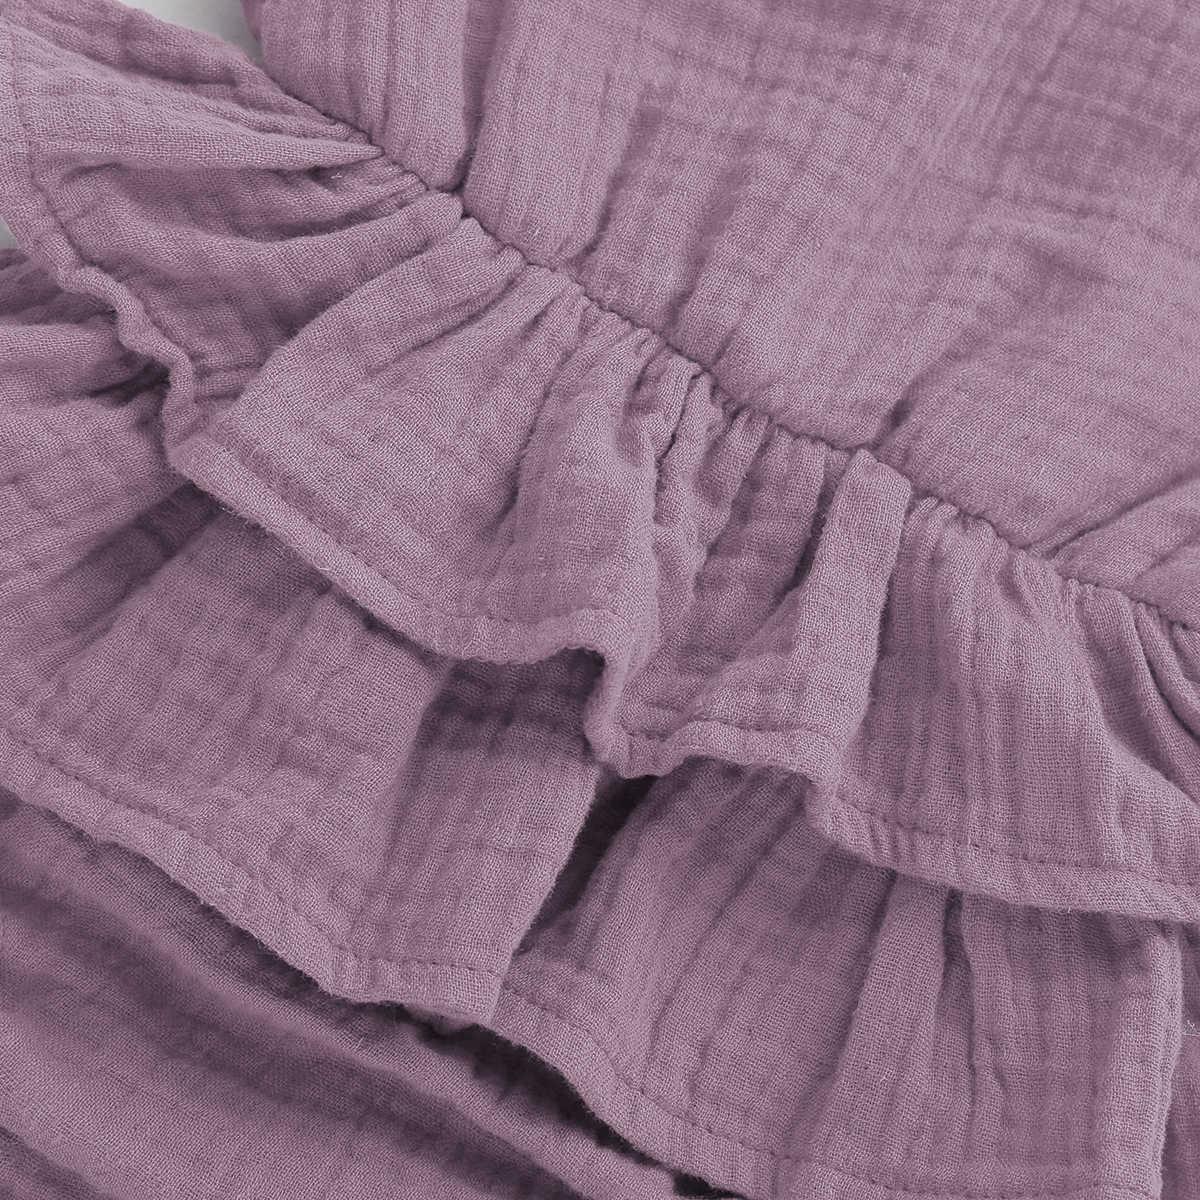 2019 Повседневная летняя одежда для маленьких девочек, однотонный комбинезон с оборками без рукавов, хлопковое платье для новорожденных, детская одежда